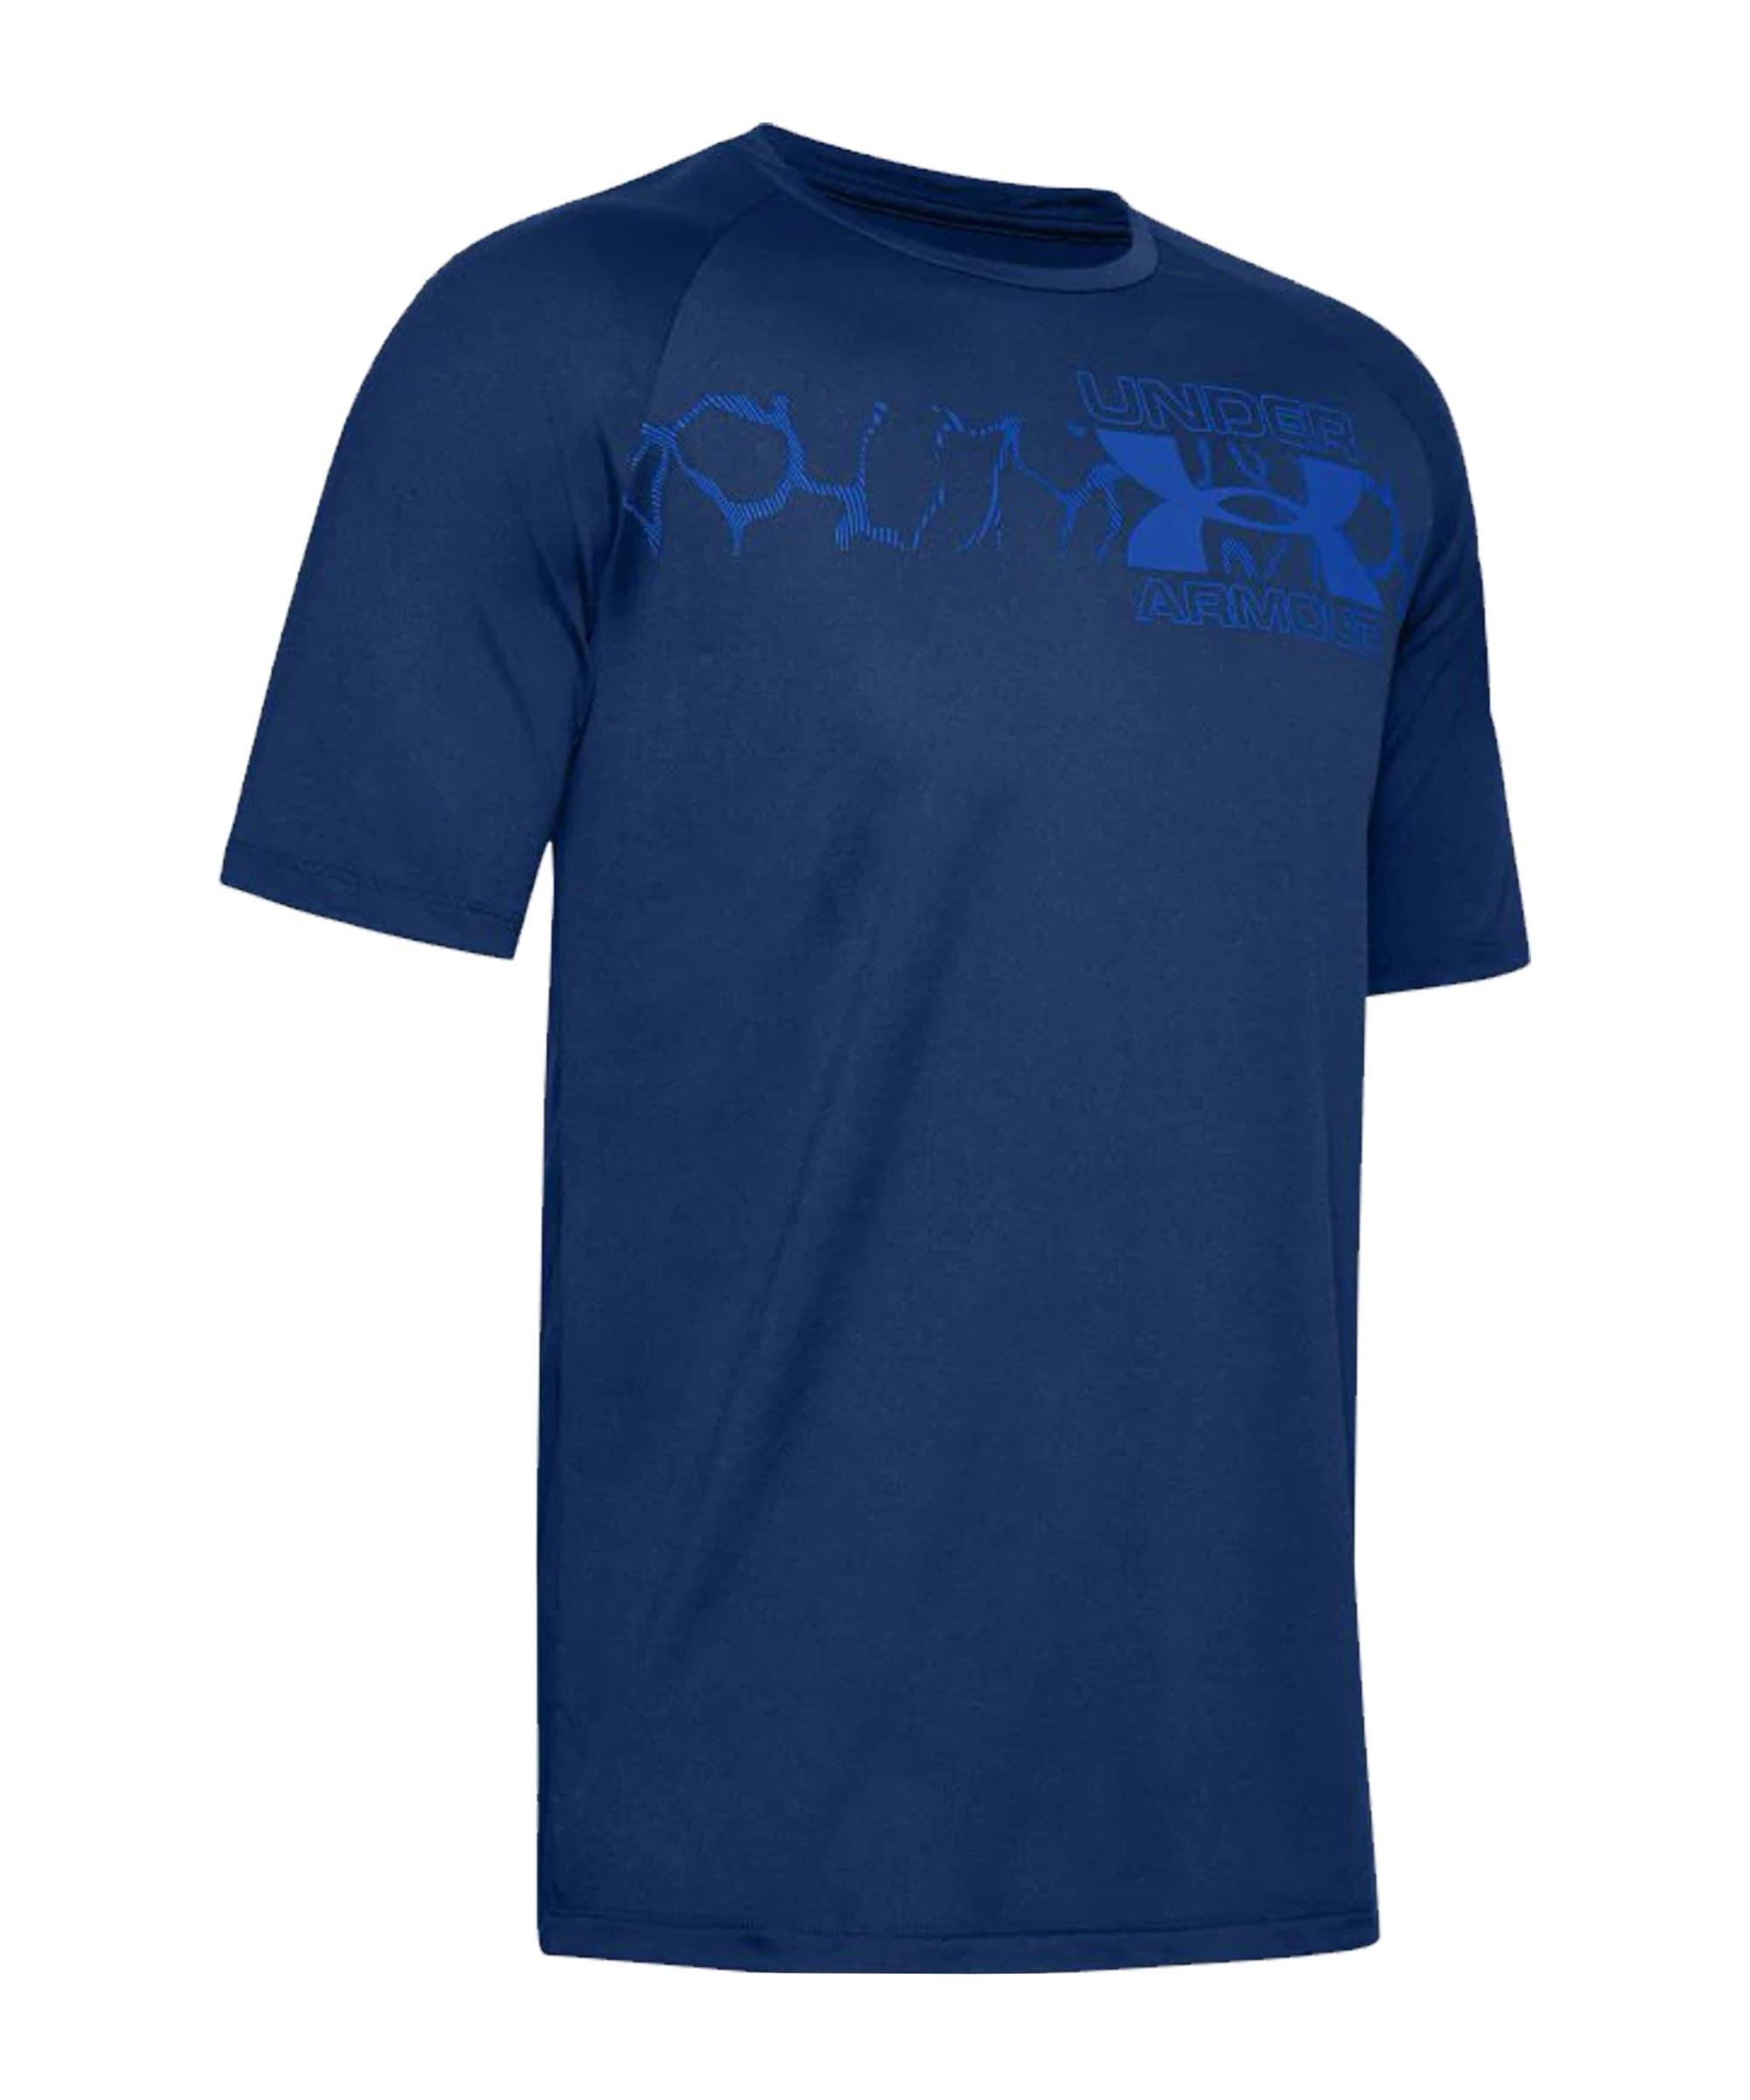 Under Armour Tech 2.0 Graphic T-Shirt Blau F449 - blau